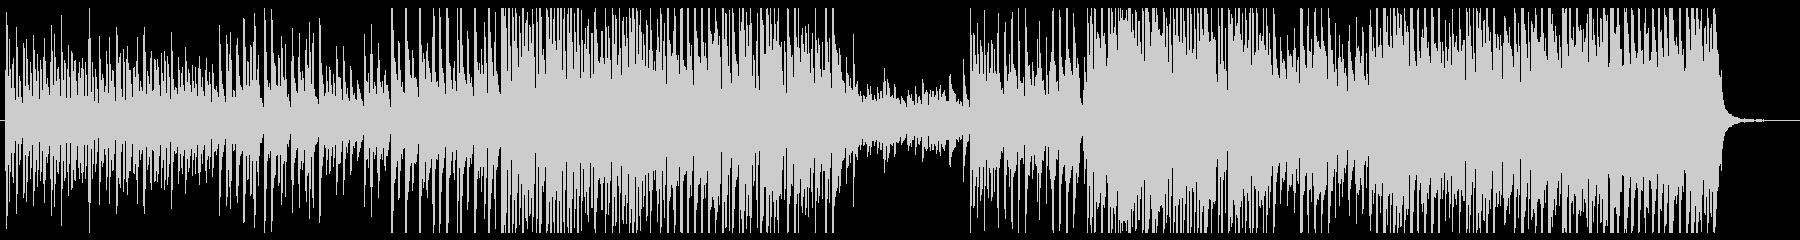 ピアノアコースティック少し電子音切ないの未再生の波形